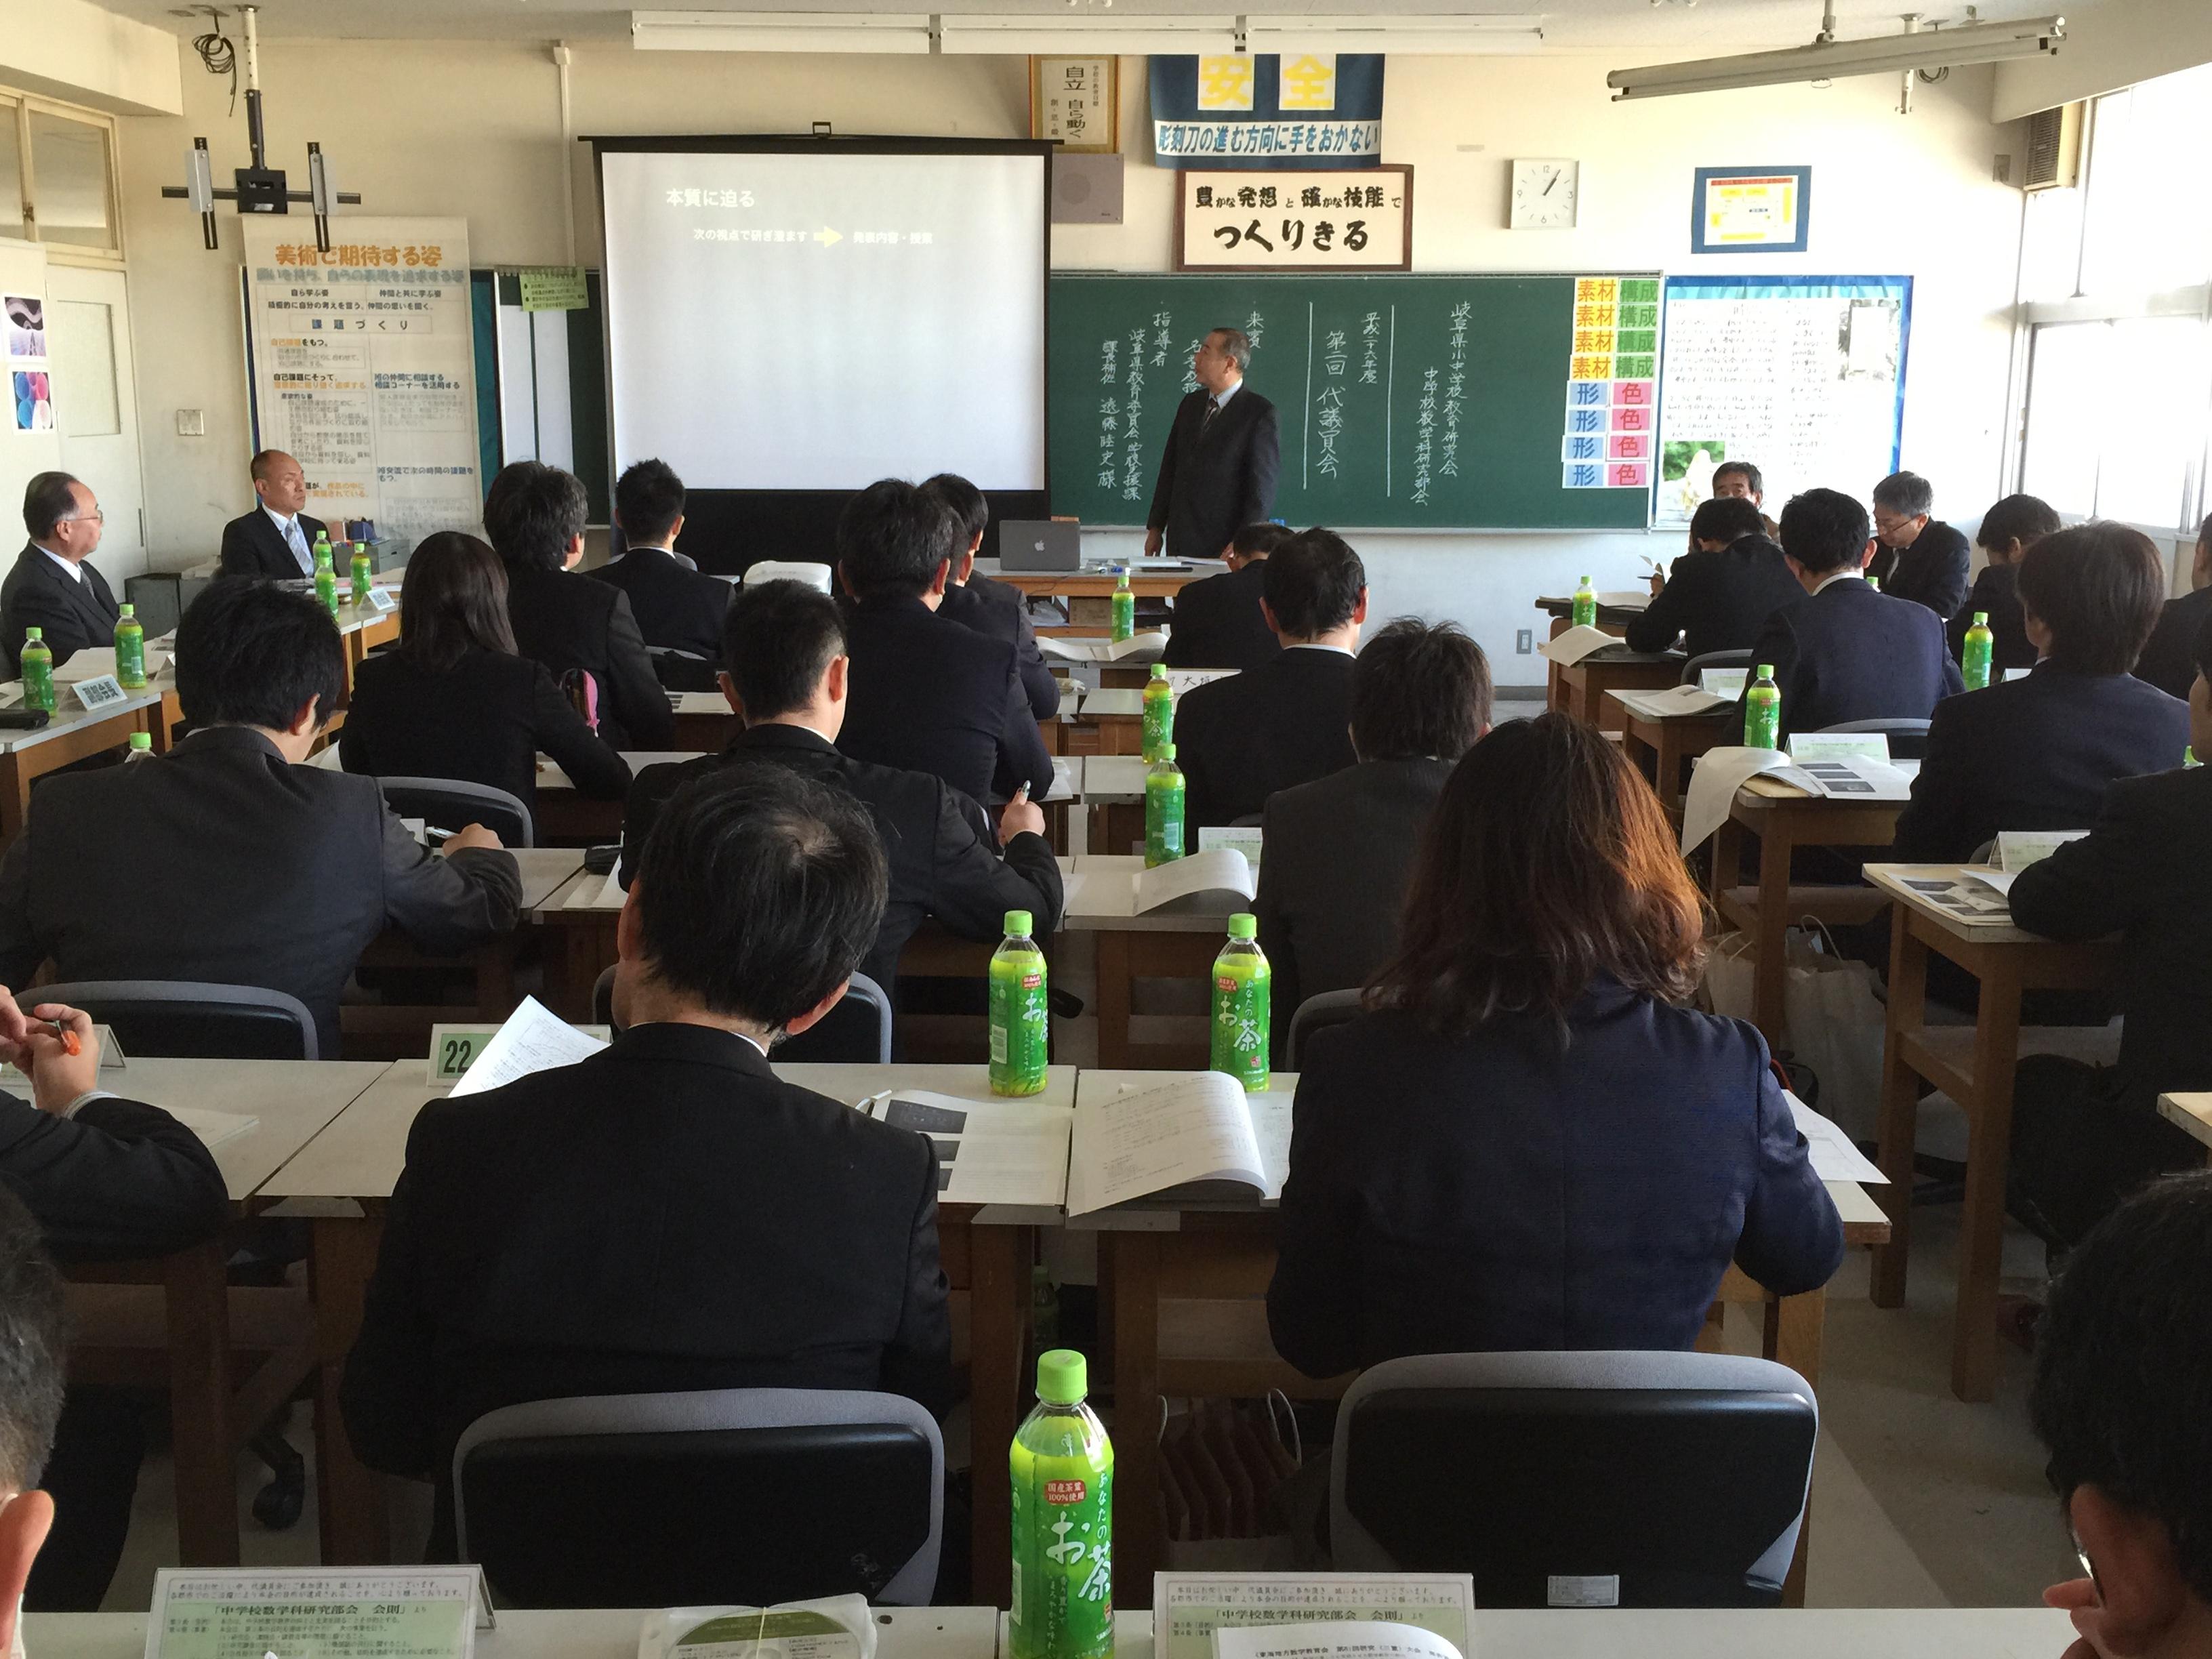 津市 - 教育委員会の会議(平成30年)